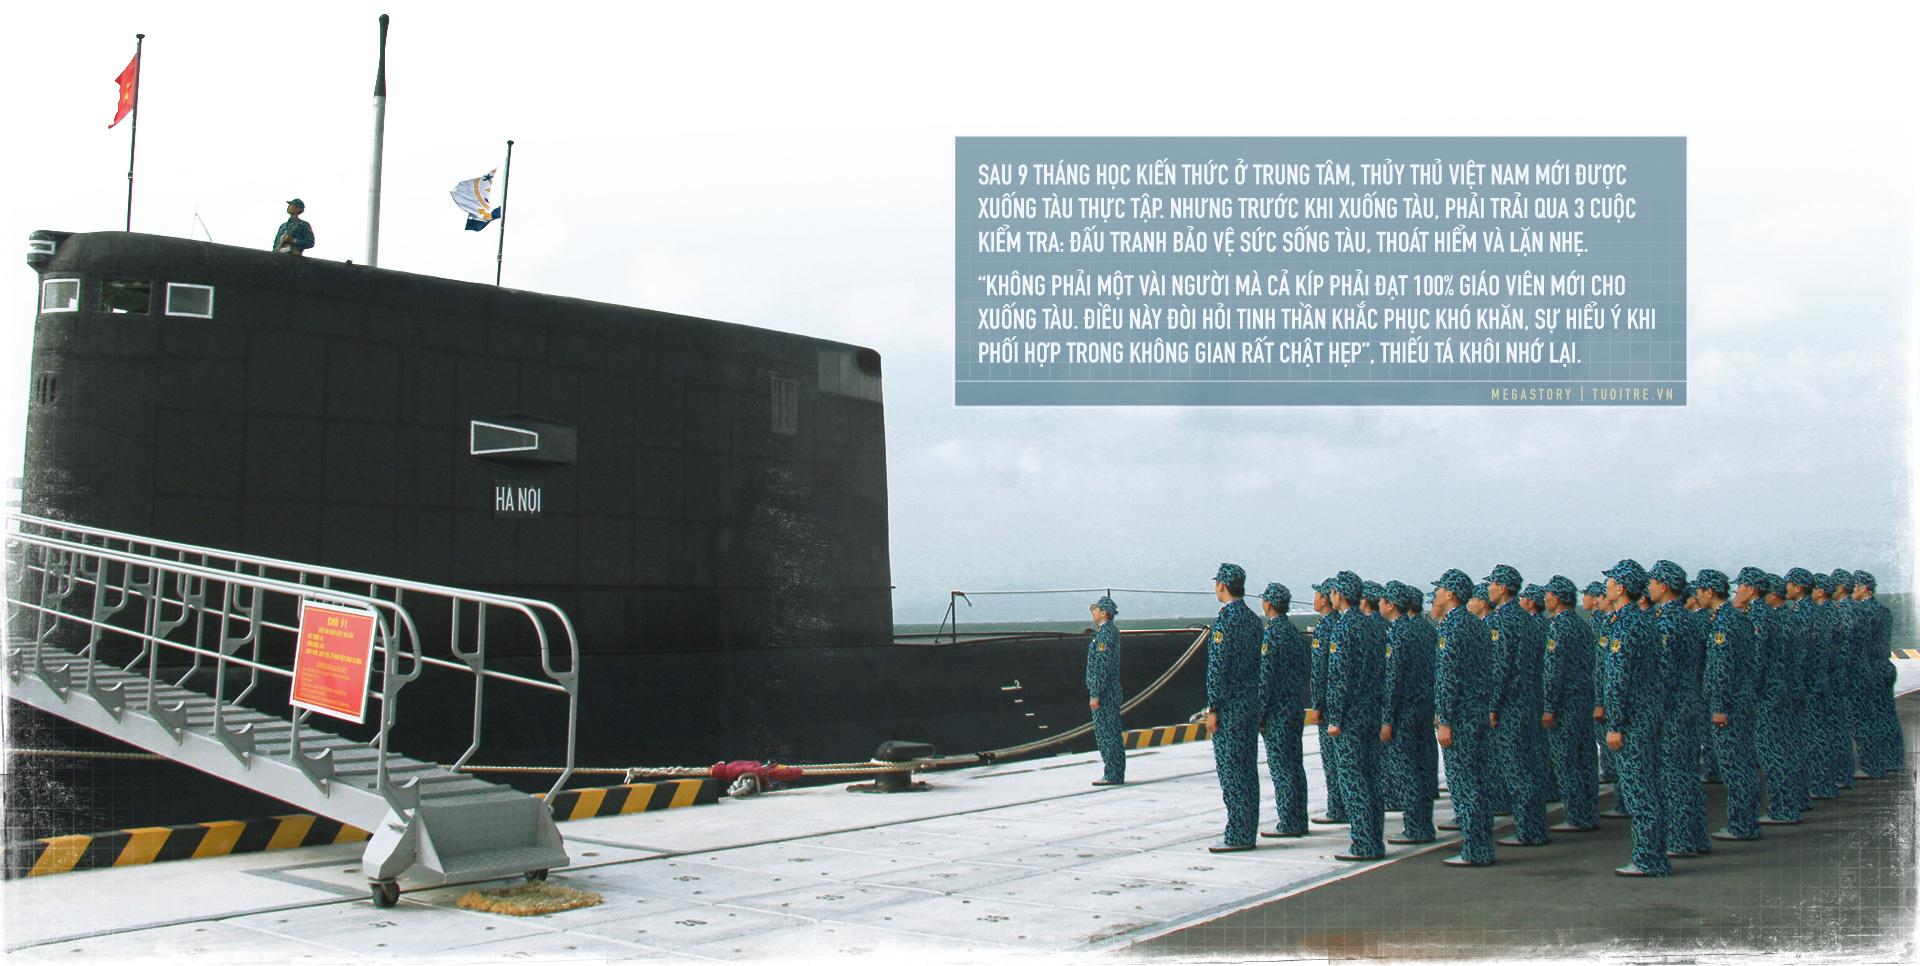 Kíp tàu ngầm đầu tiên của Việt Nam những câu chuyện bây giờ mới kể - Ảnh 4.